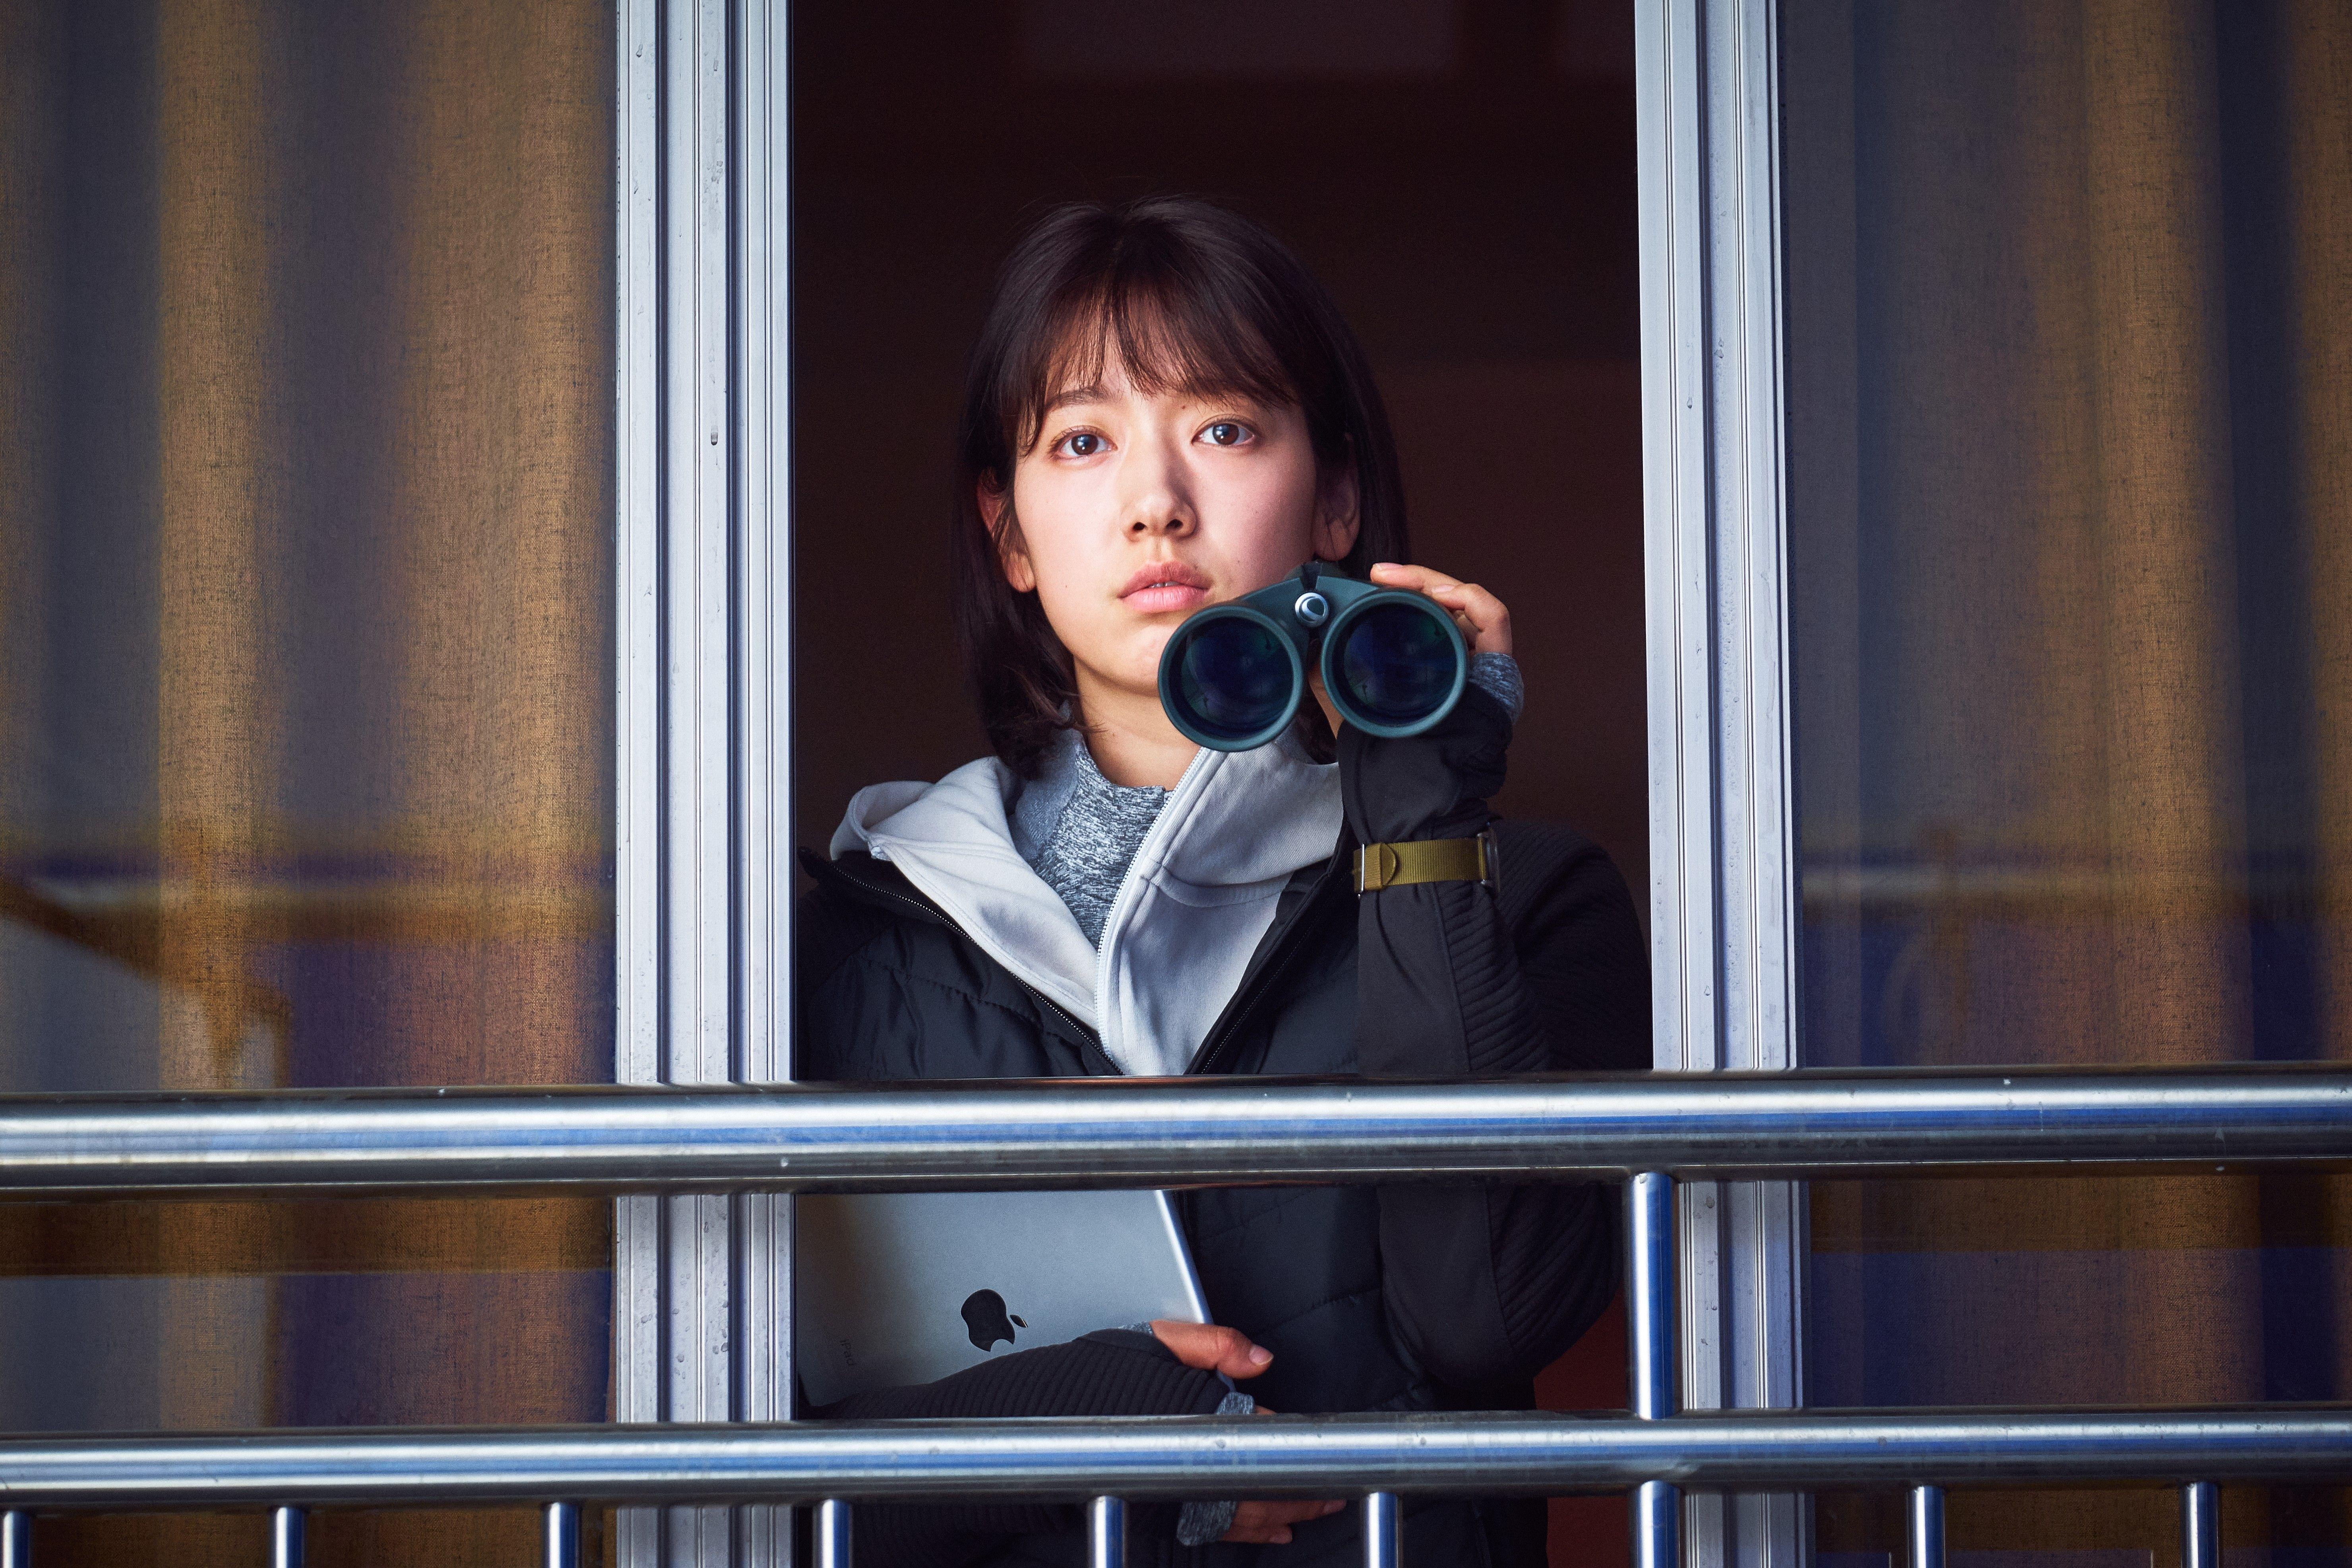 '#살아있다' 박신혜, 생존 기술 만렙 능력자로 변신